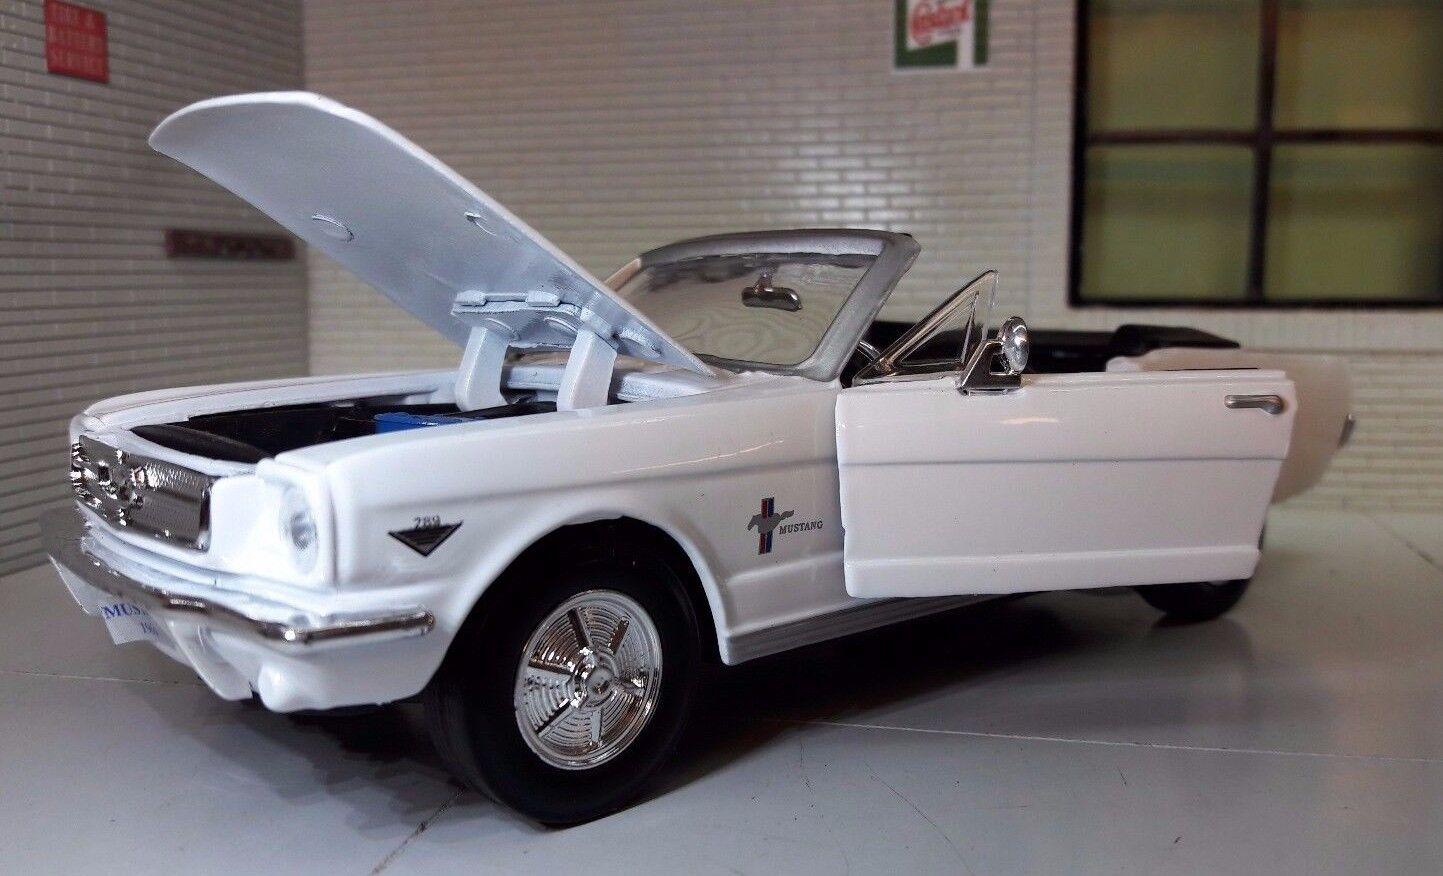 1 24 Escala Ford Mustang 1964 Kongrönible Cabrio Fundido modelllllerlerismo Coche 73212